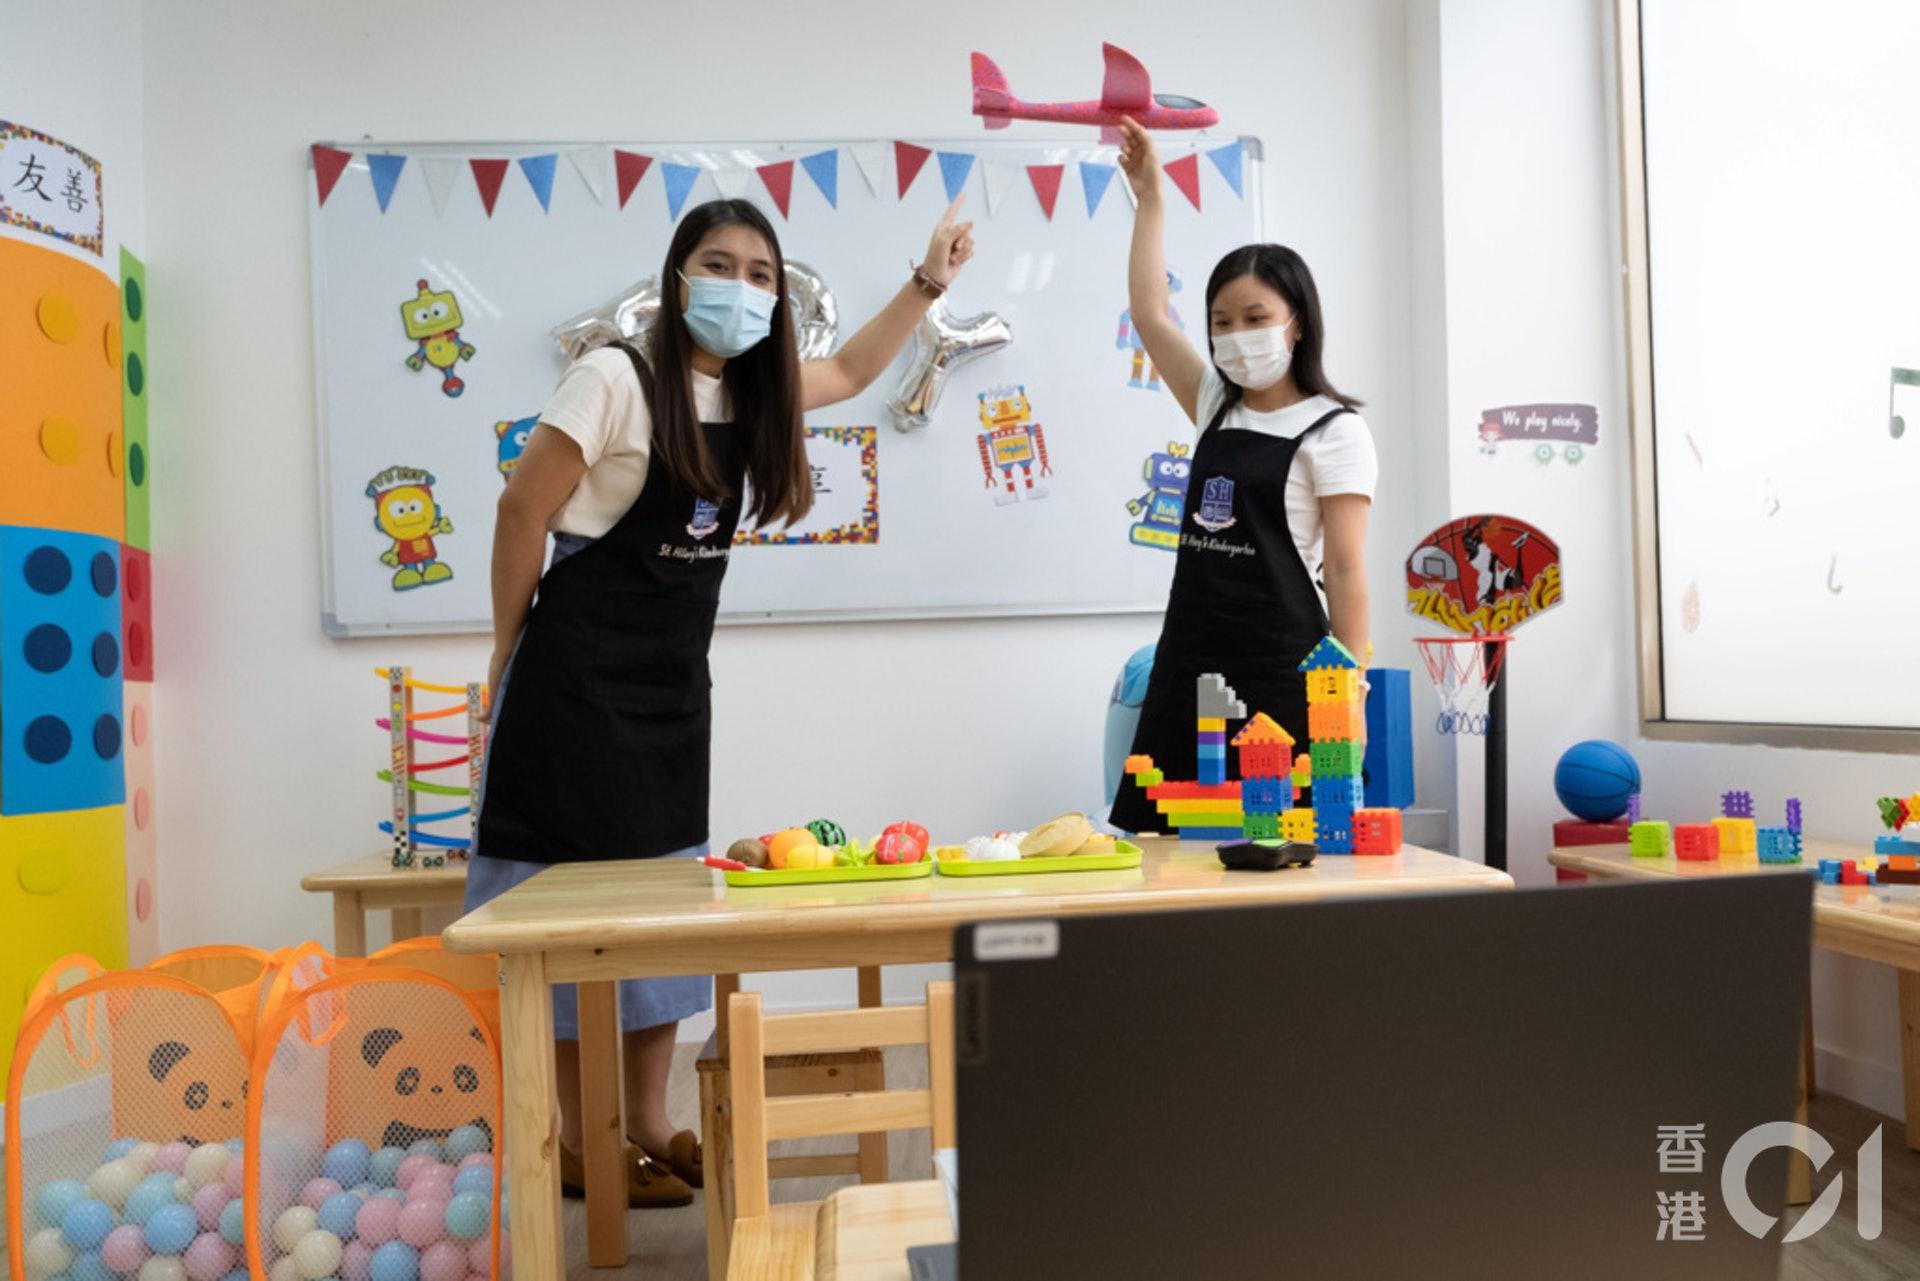 老師角色扮演學生日常玩玩具、上課的情況,教學生社交禮儀。(盧翊銘攝)